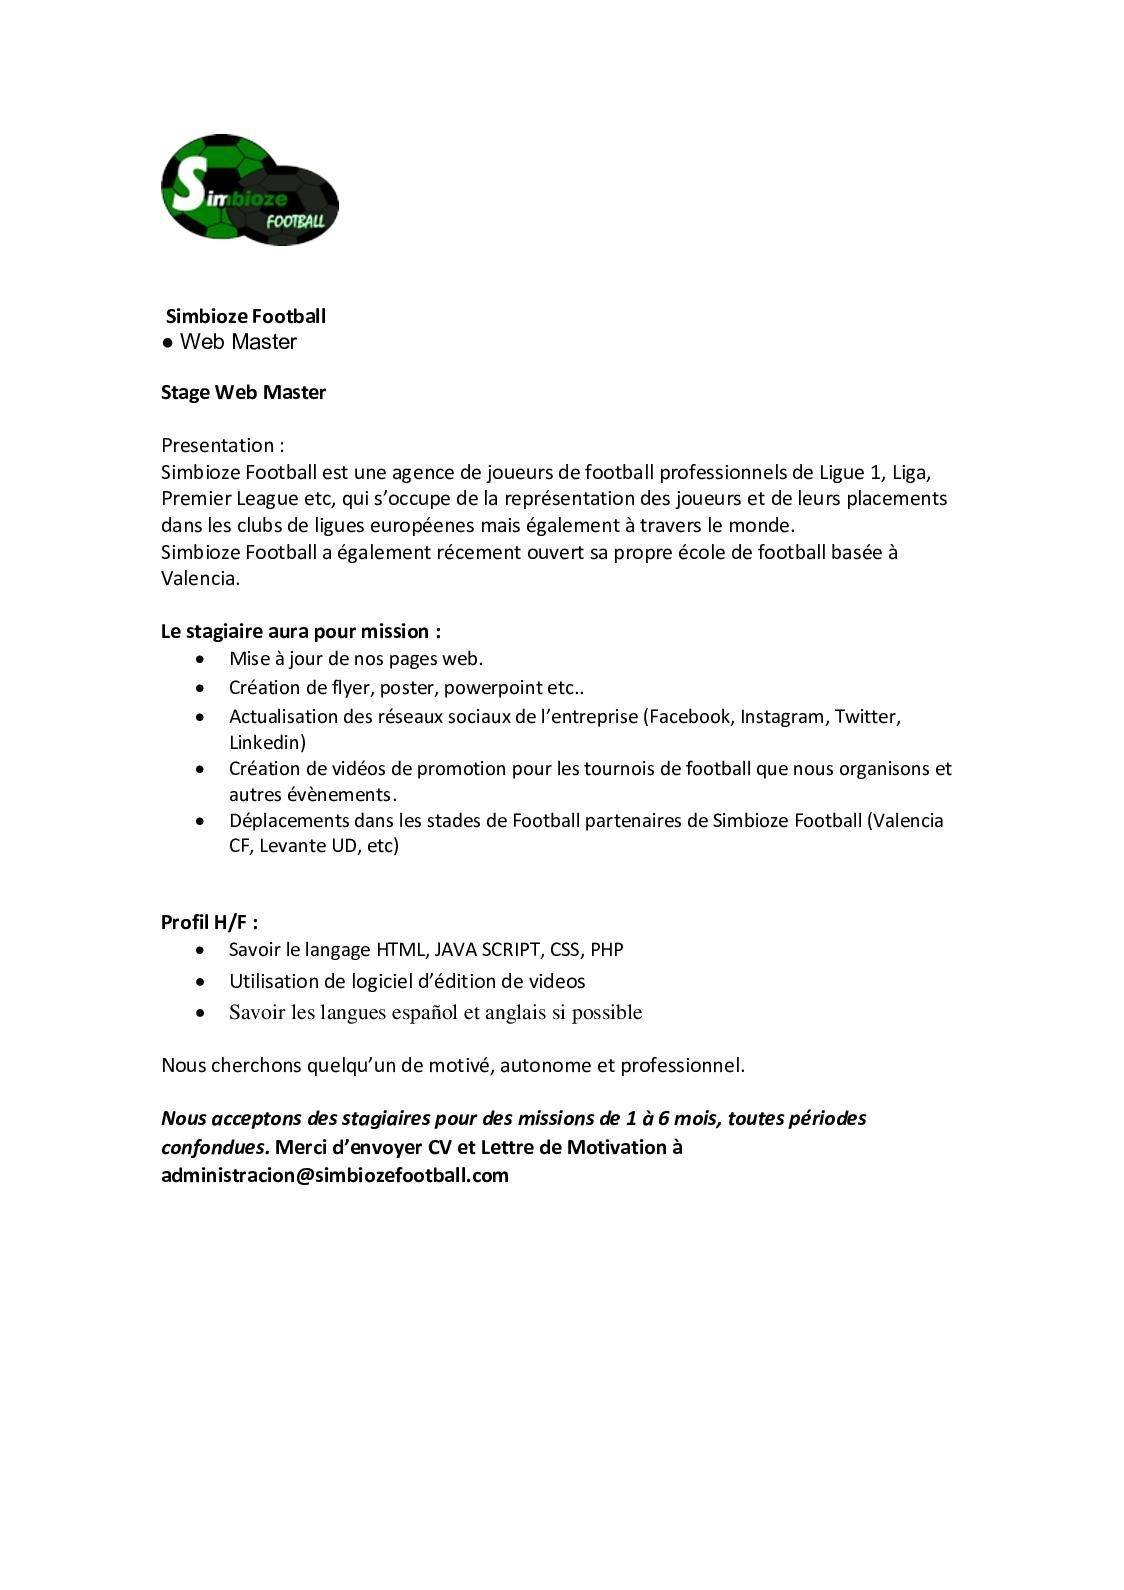 Calaméo B3 Pge Simbioze Football Webmaster 2019 2020